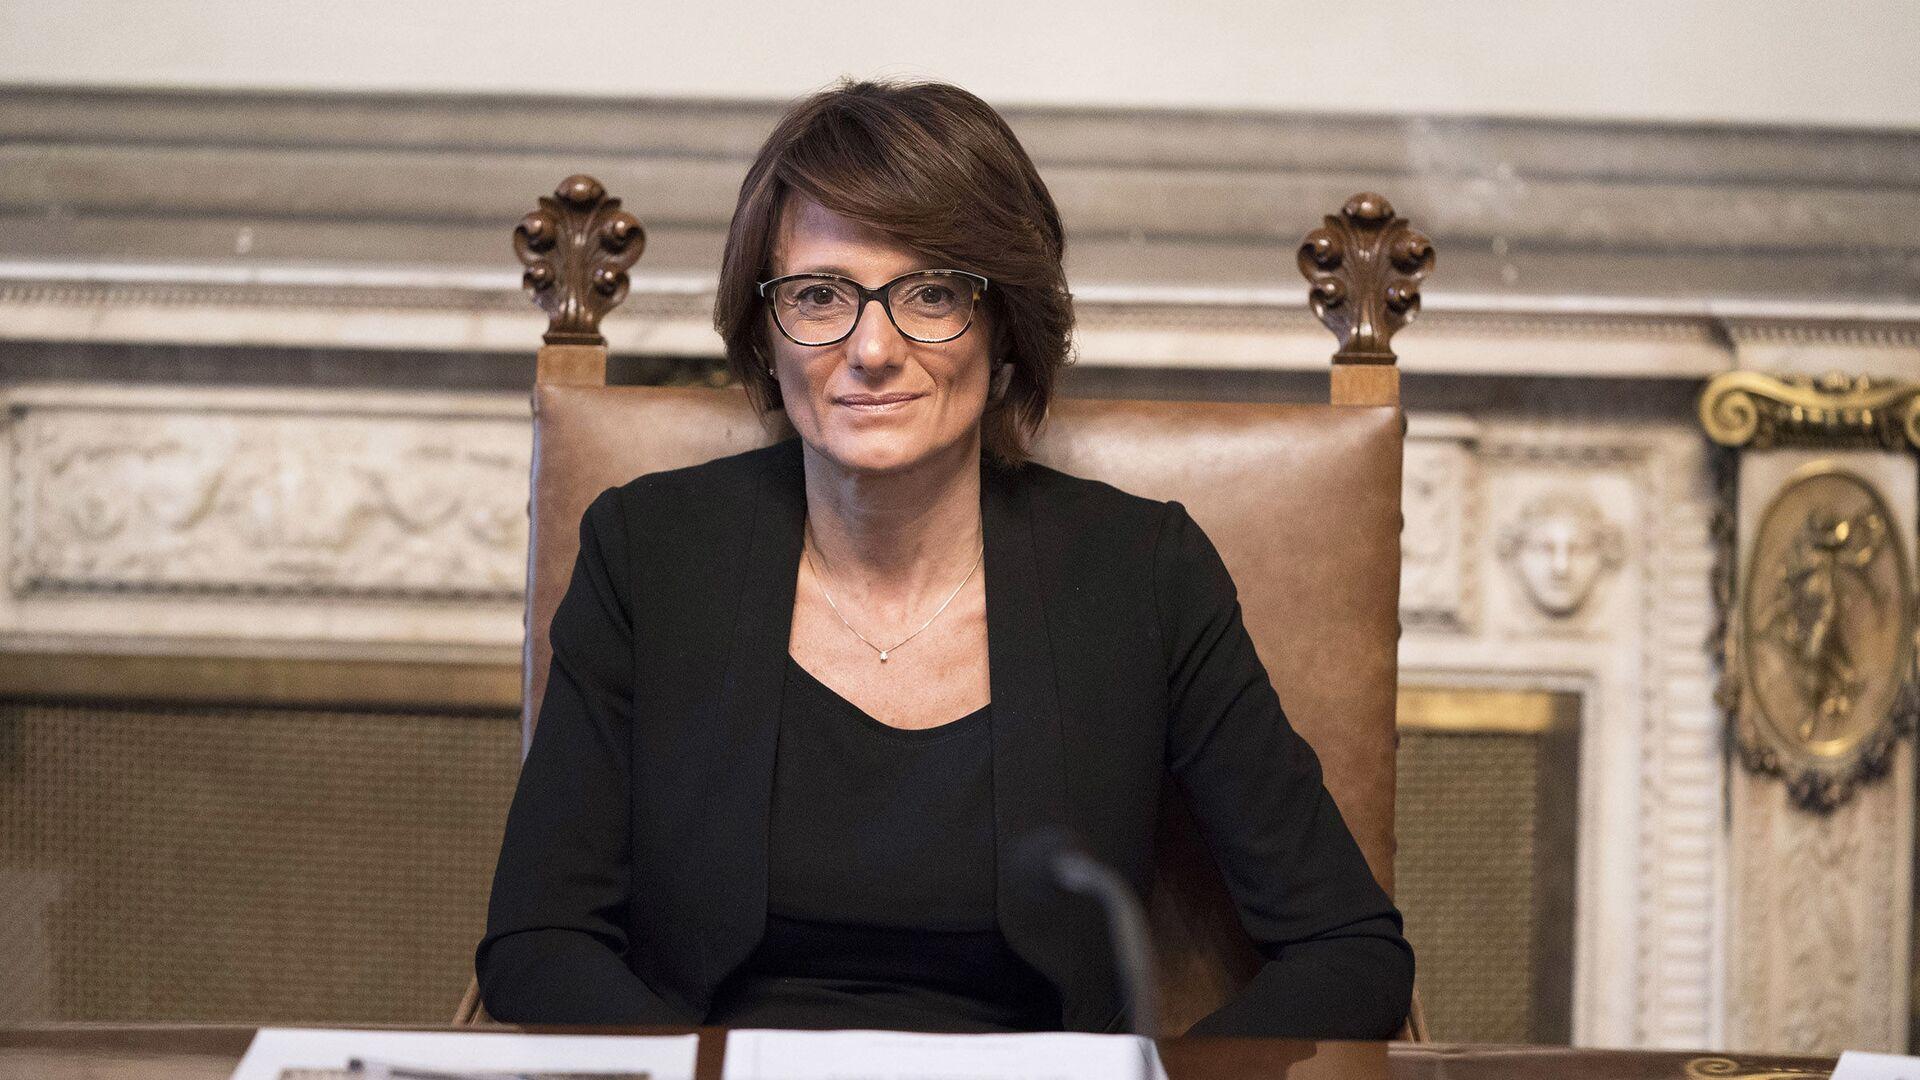 Il Ministro per le Pari Opportunità e la Famiglia, Elena Bonetti - Sputnik Italia, 1920, 30.04.2021